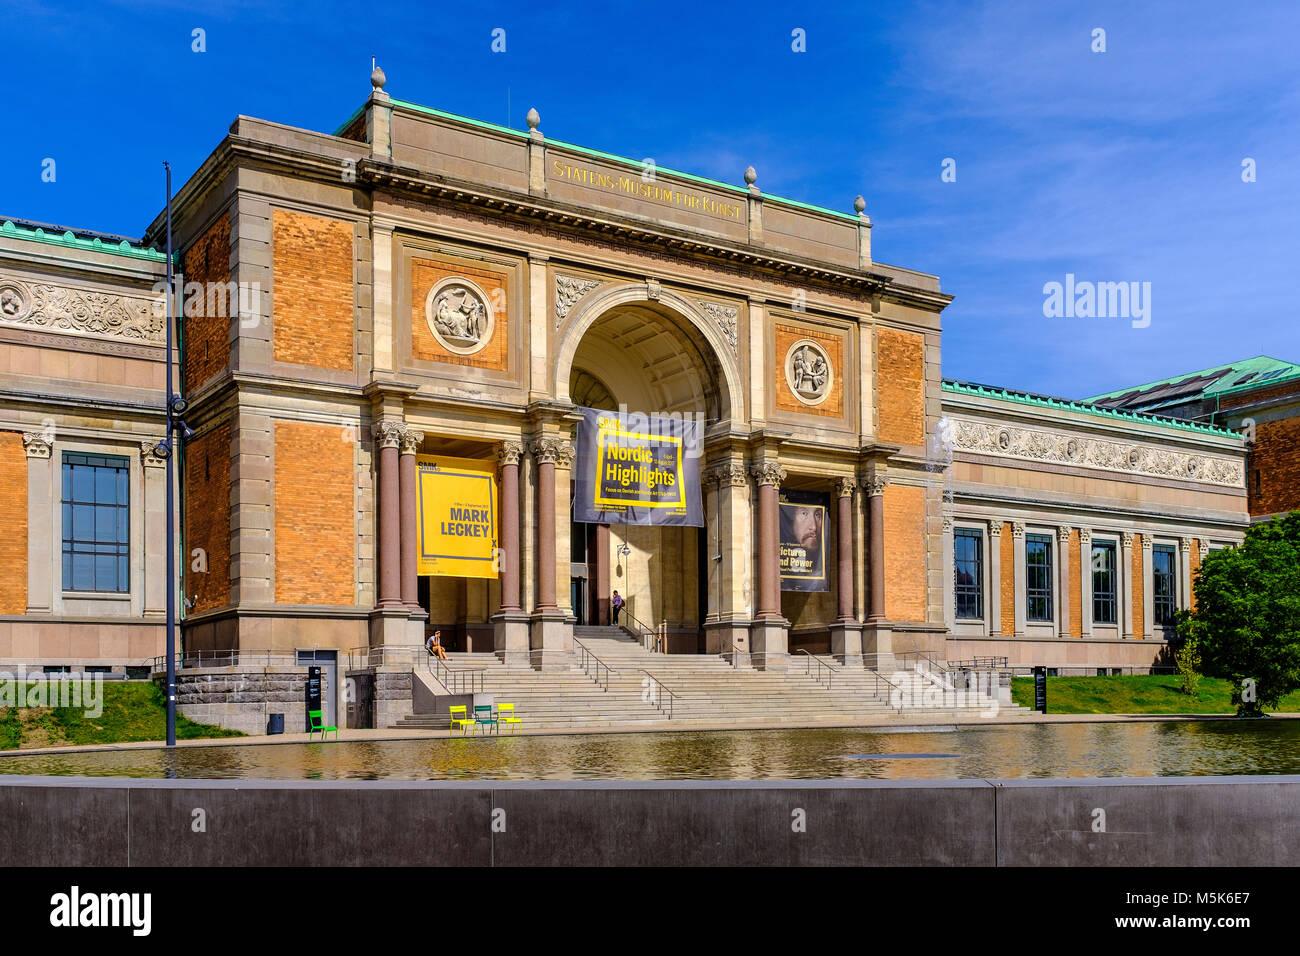 Copenhague, Dinamarca / Región Zelanda - 2017/07/26: centro de la ciudad - Galería Nacional edificio principal Foto de stock